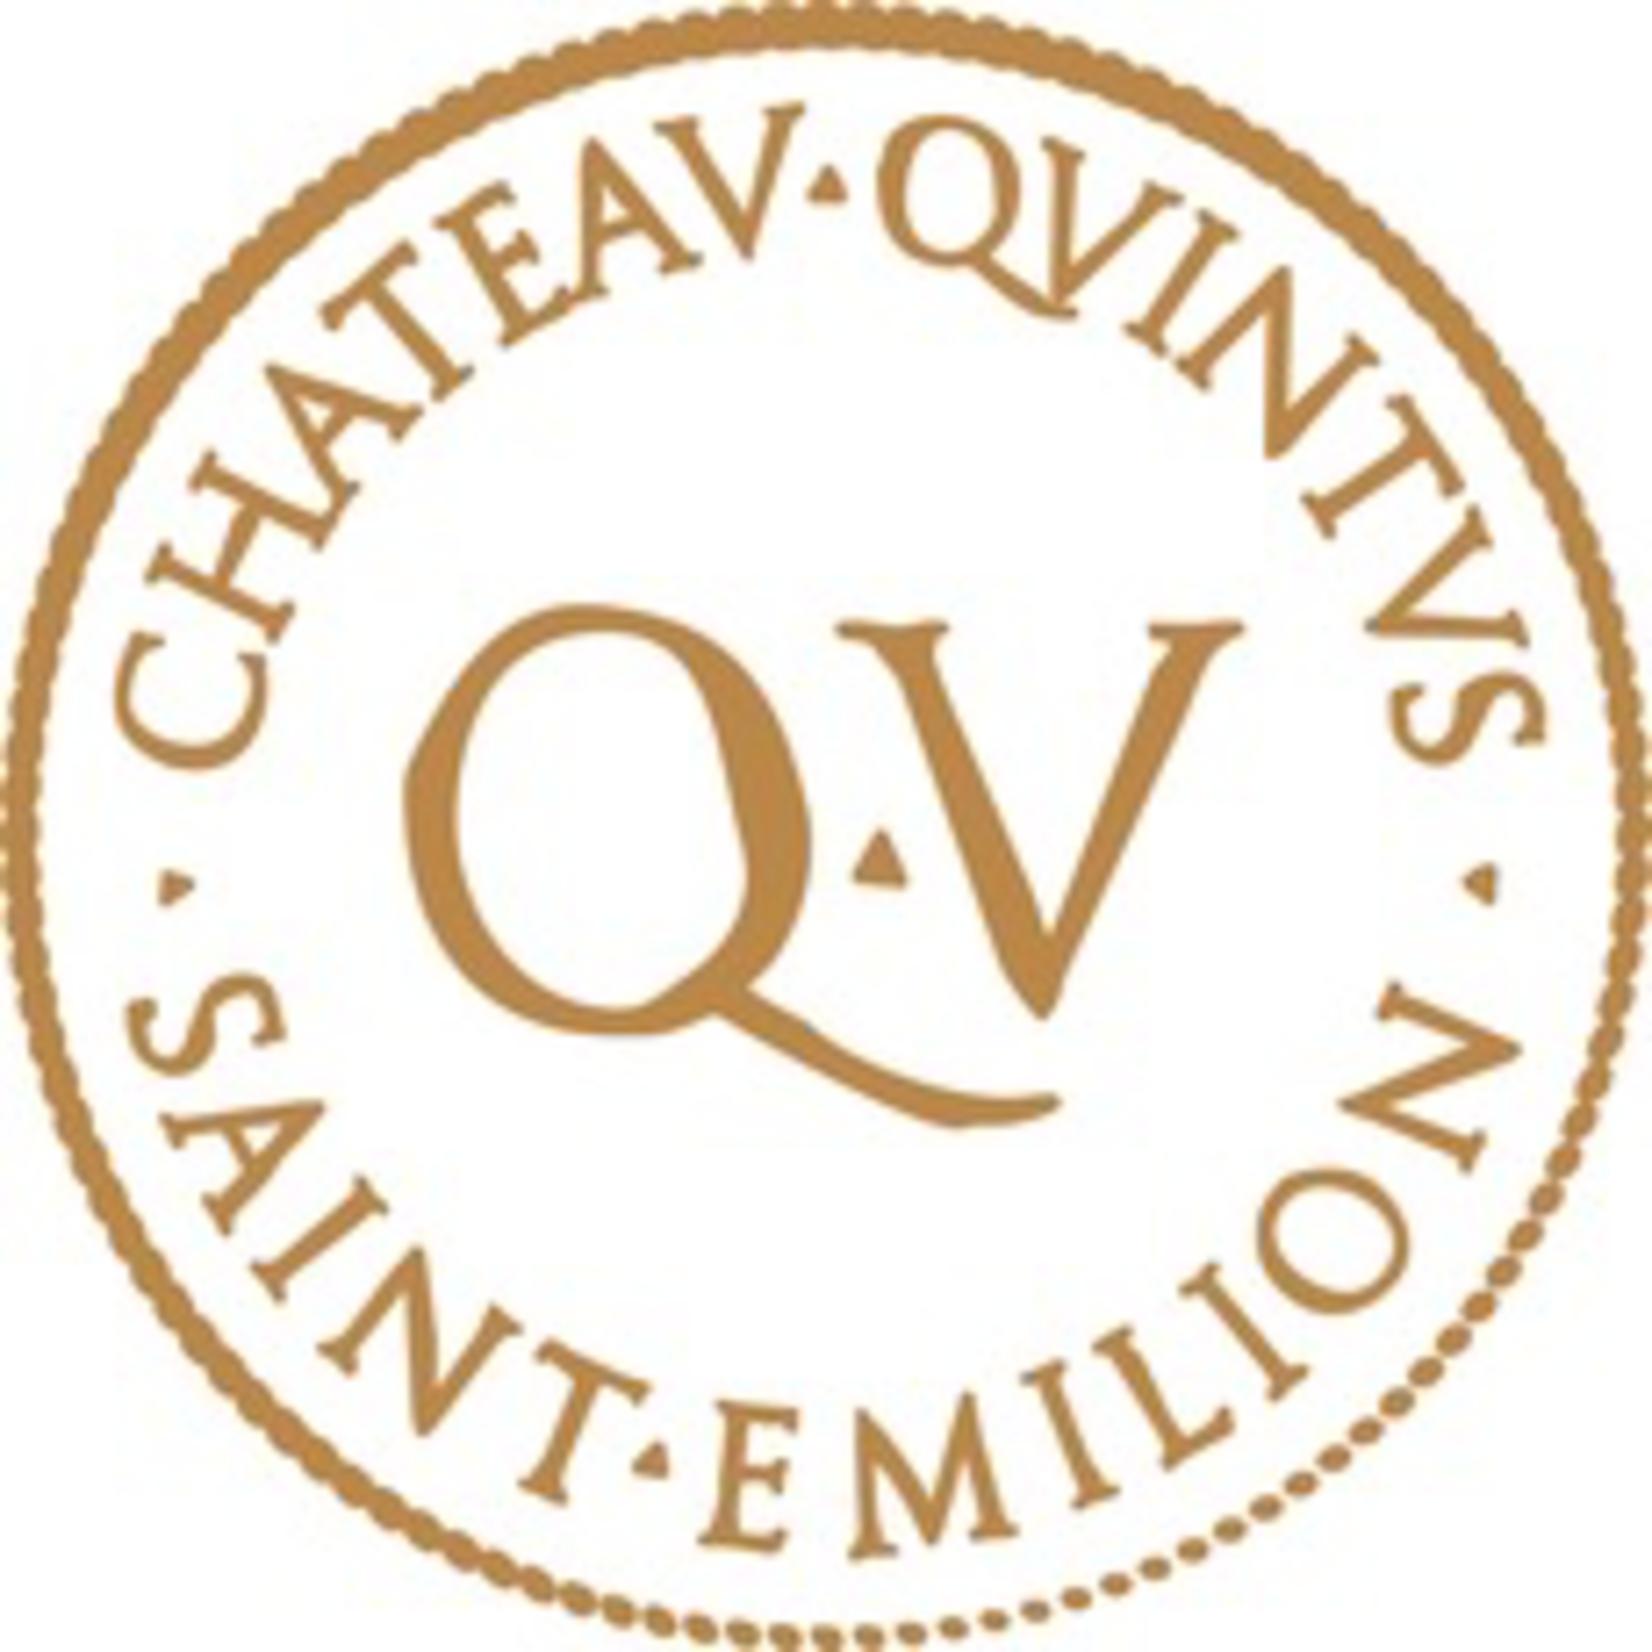 Wine Chateau Quintus, Saint-Emilion 2014